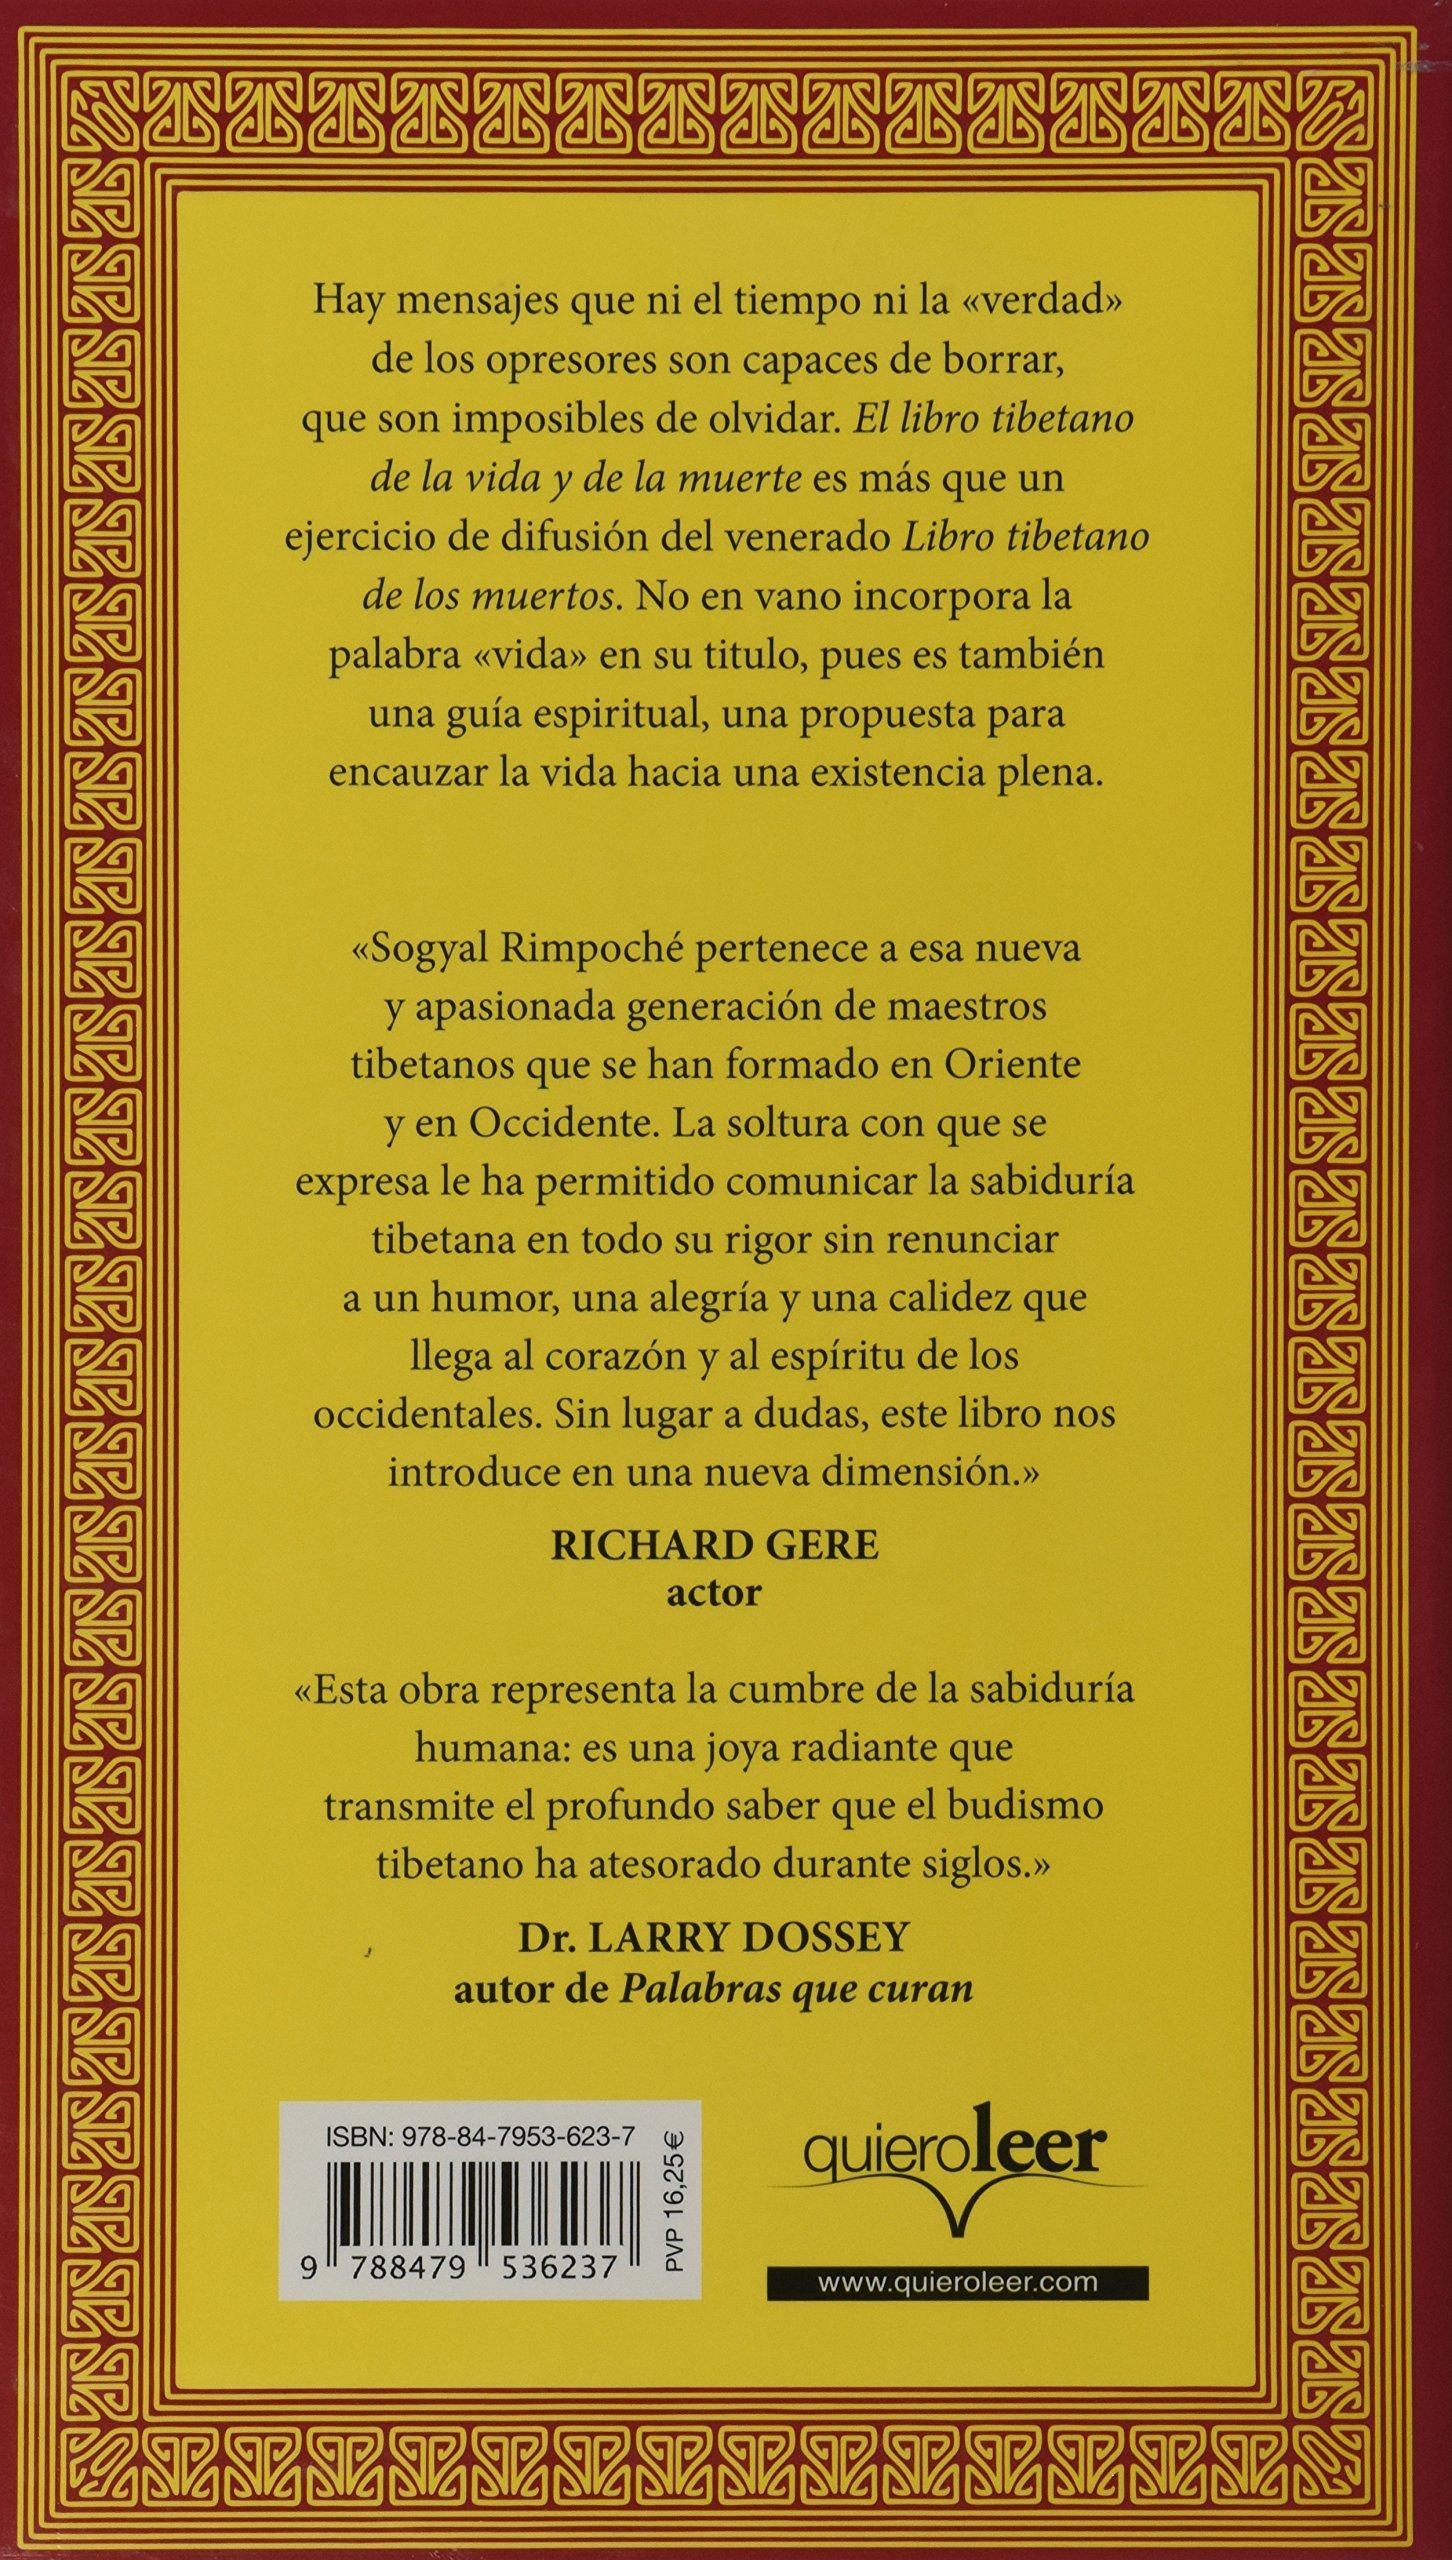 El Libro Tibetano De La Vida Y De La Muerte Crecimiento Personal Spanish Edition Sogyal Rinpoche 9788479536237 Amazon Com Books